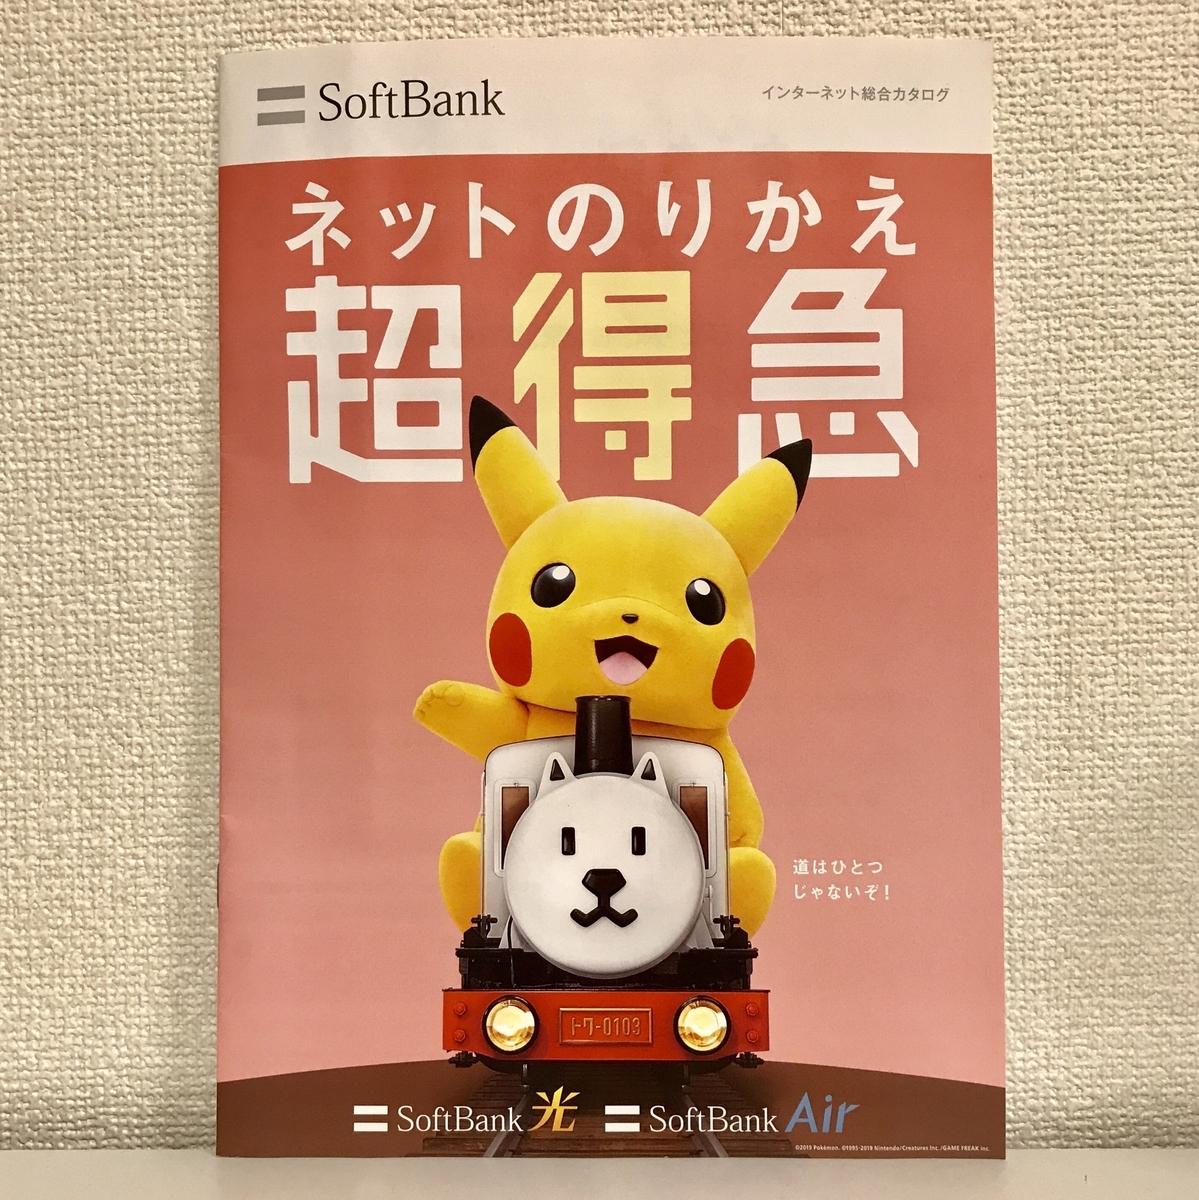 f:id:pikachu_pcn:20190403214954j:plain